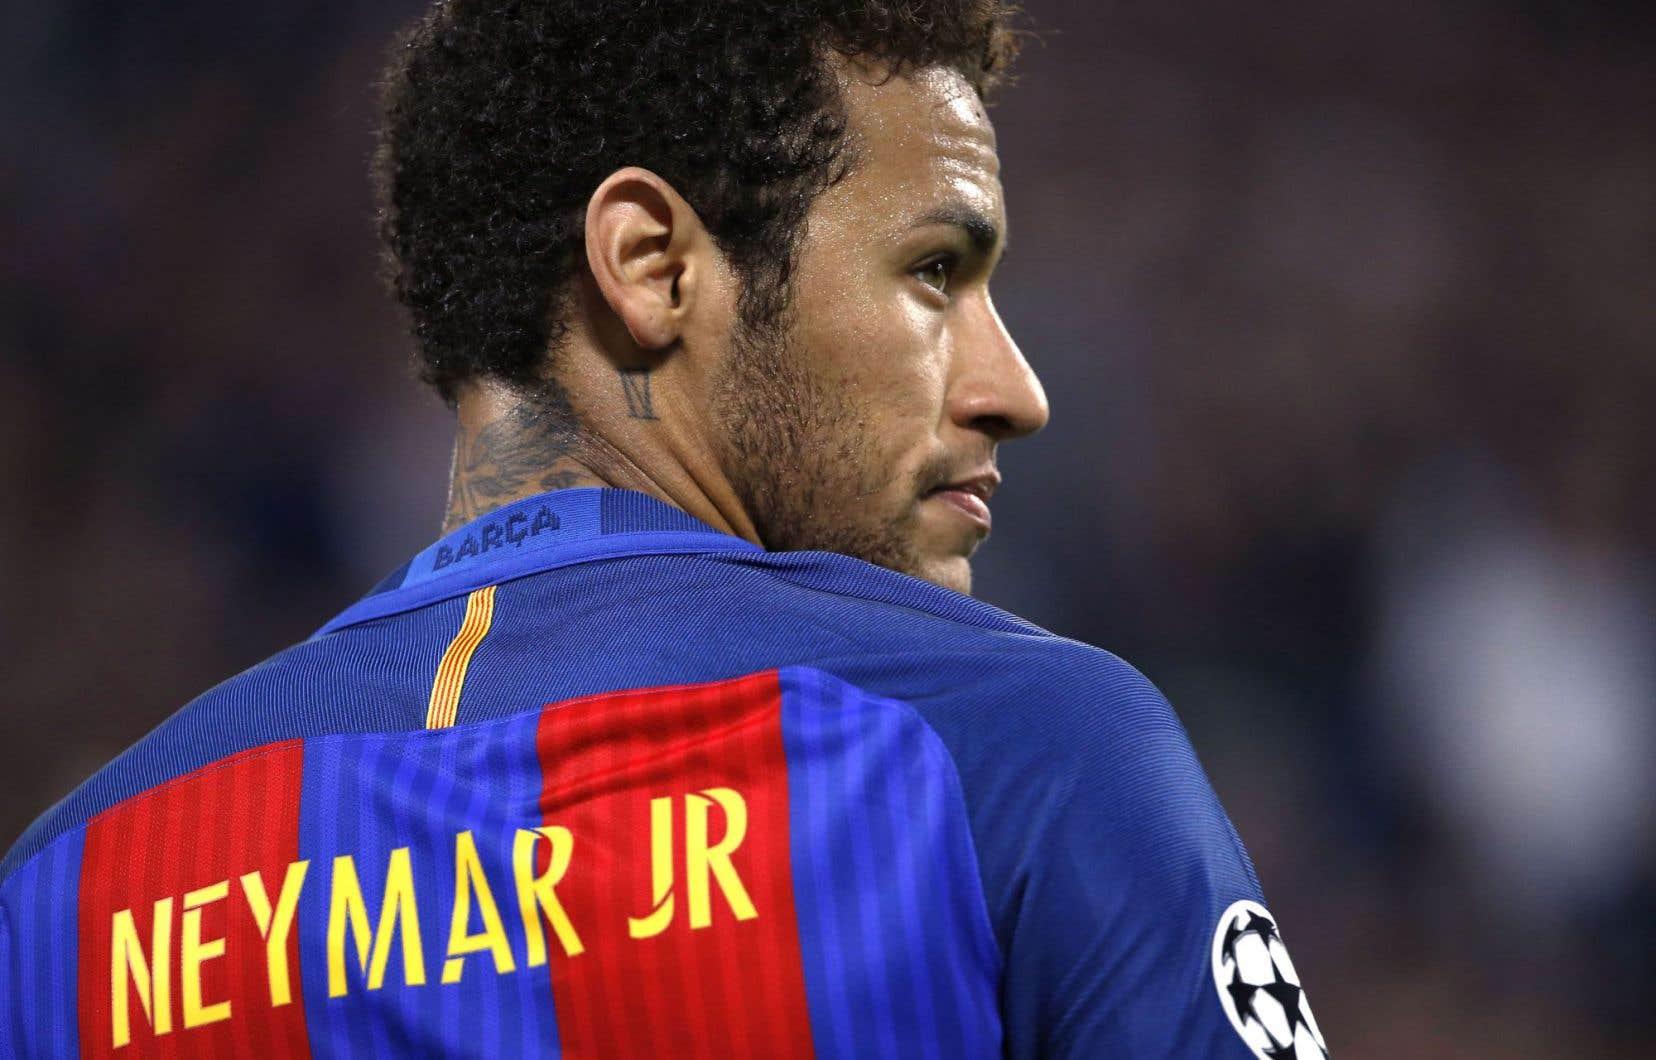 Le Paris Saint-Germain est sur le point de régler les 222millions d'euros nécessaires pour amener le joueur brésilien dans ses rangs.